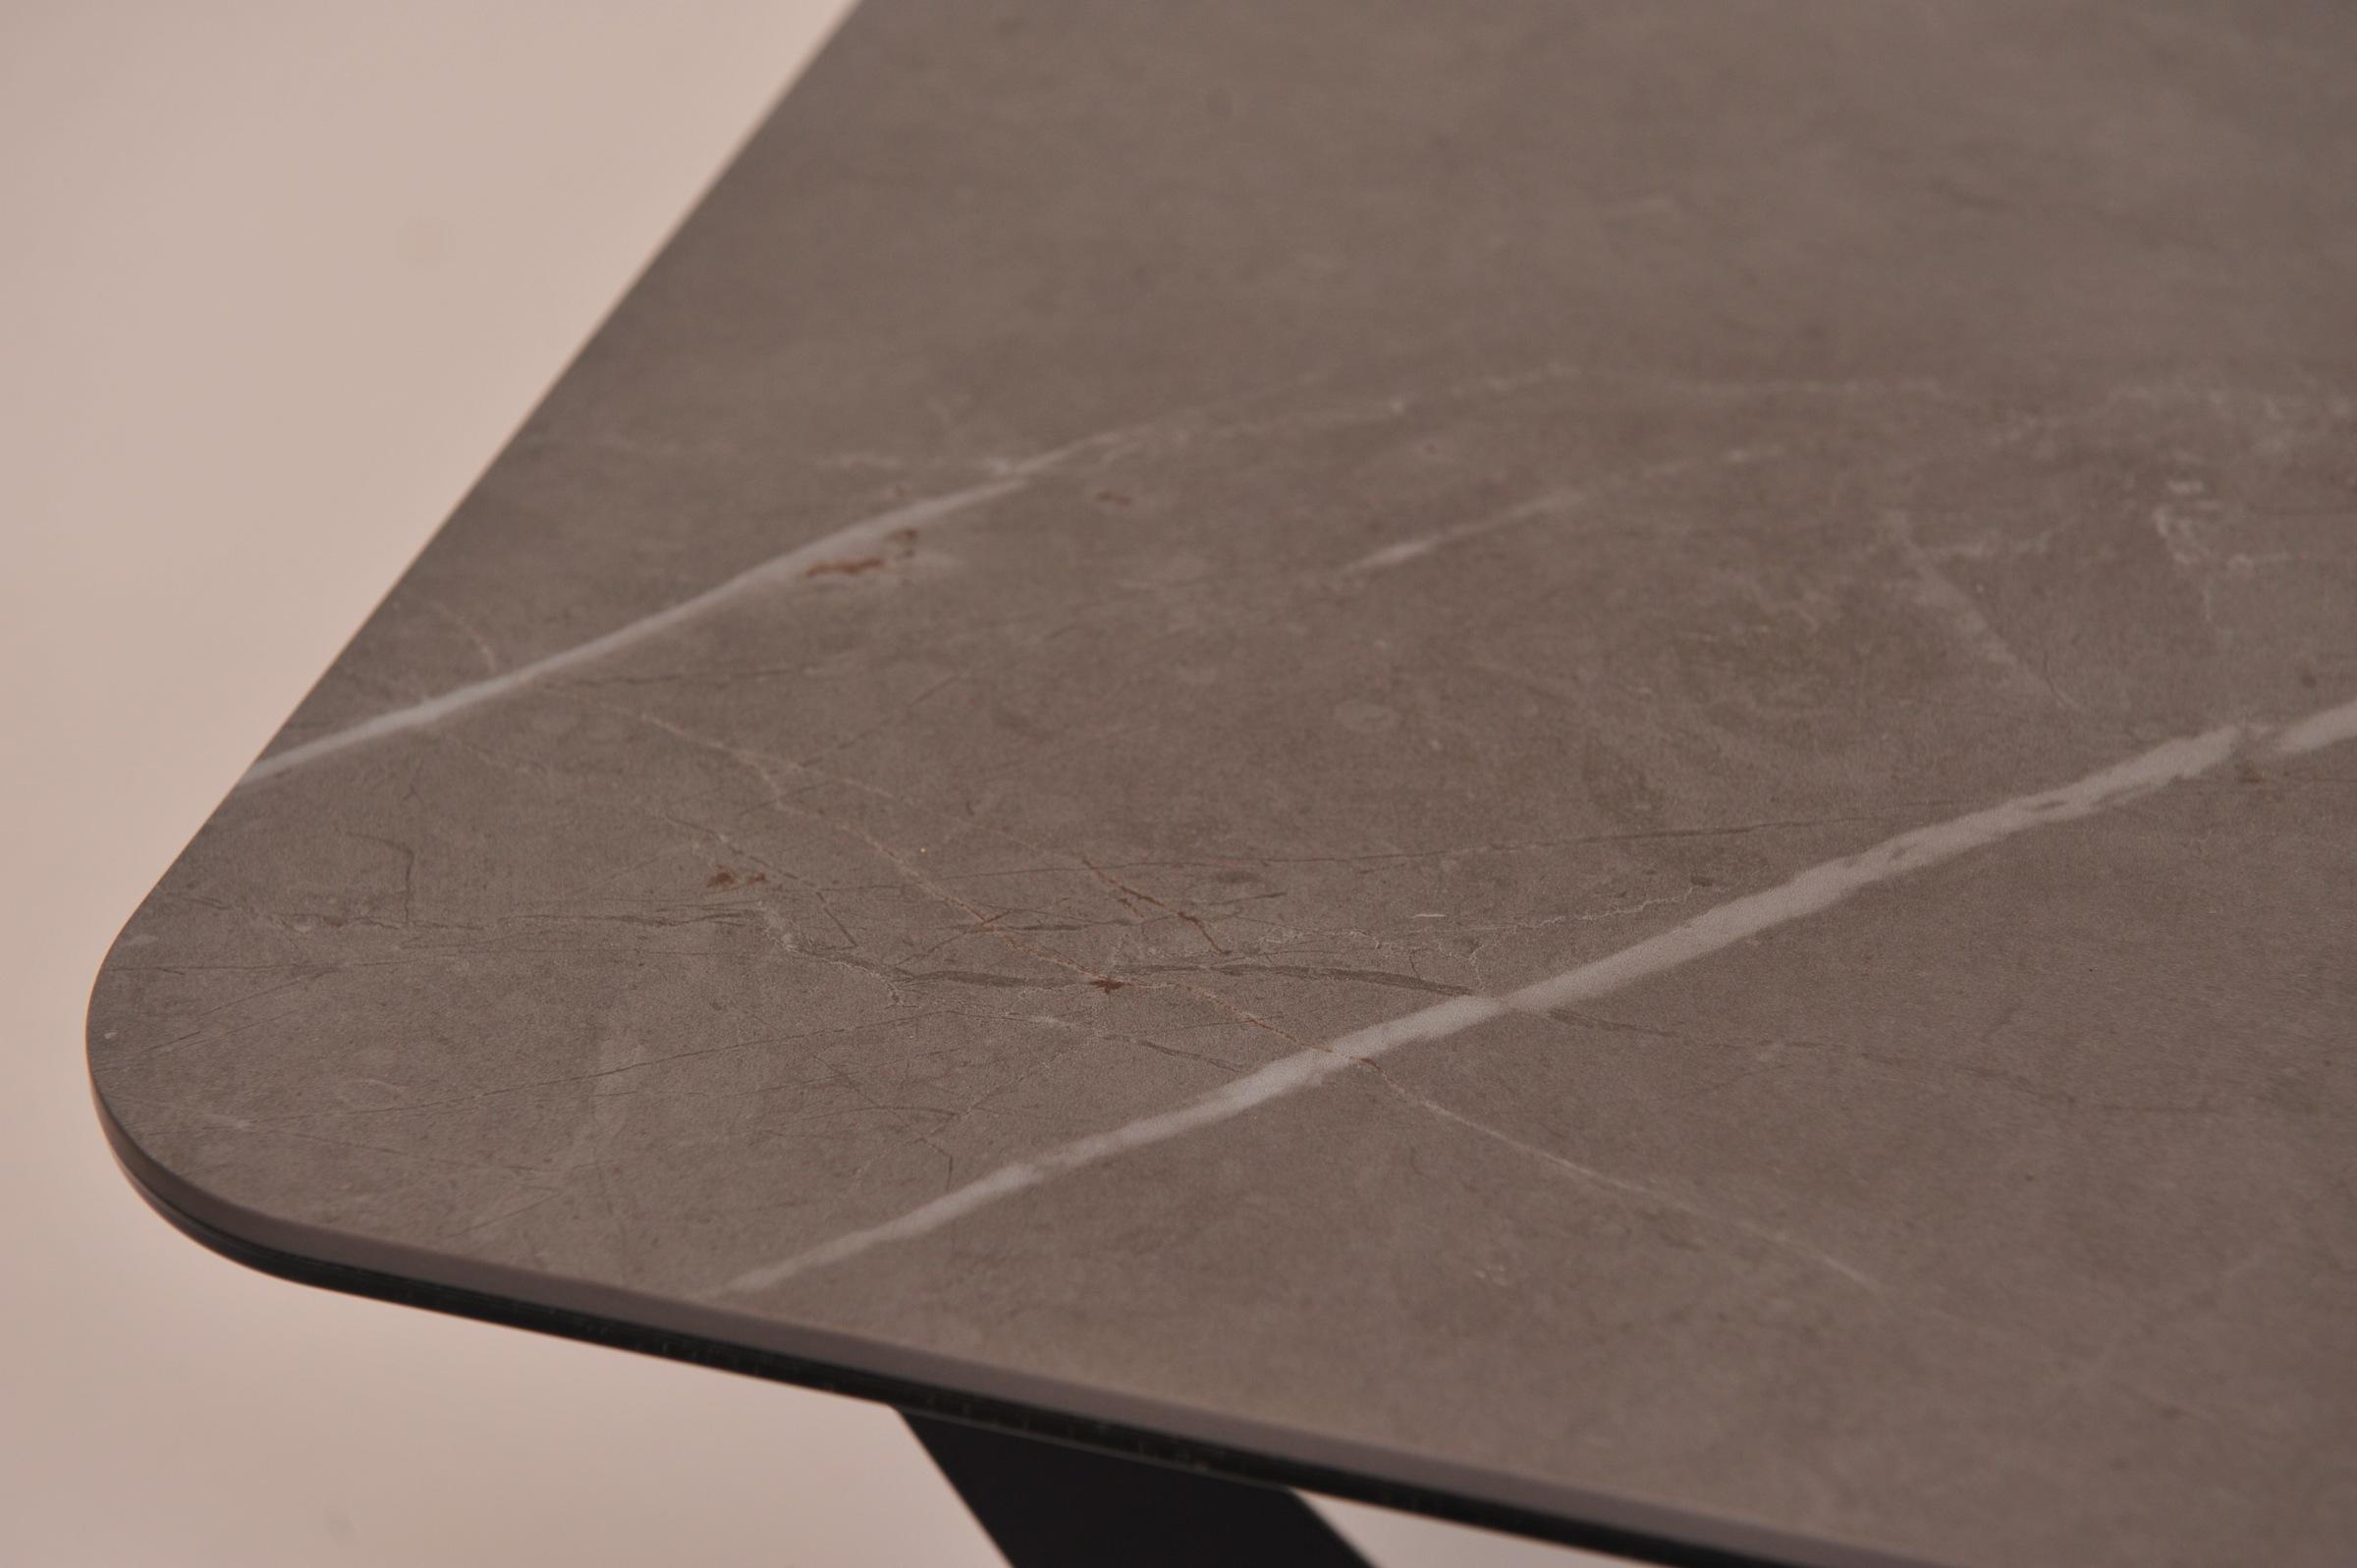 Blat ławy zaokrąglony promień spiek laminam matowy mat szary beton białe pręgi styl loftowy